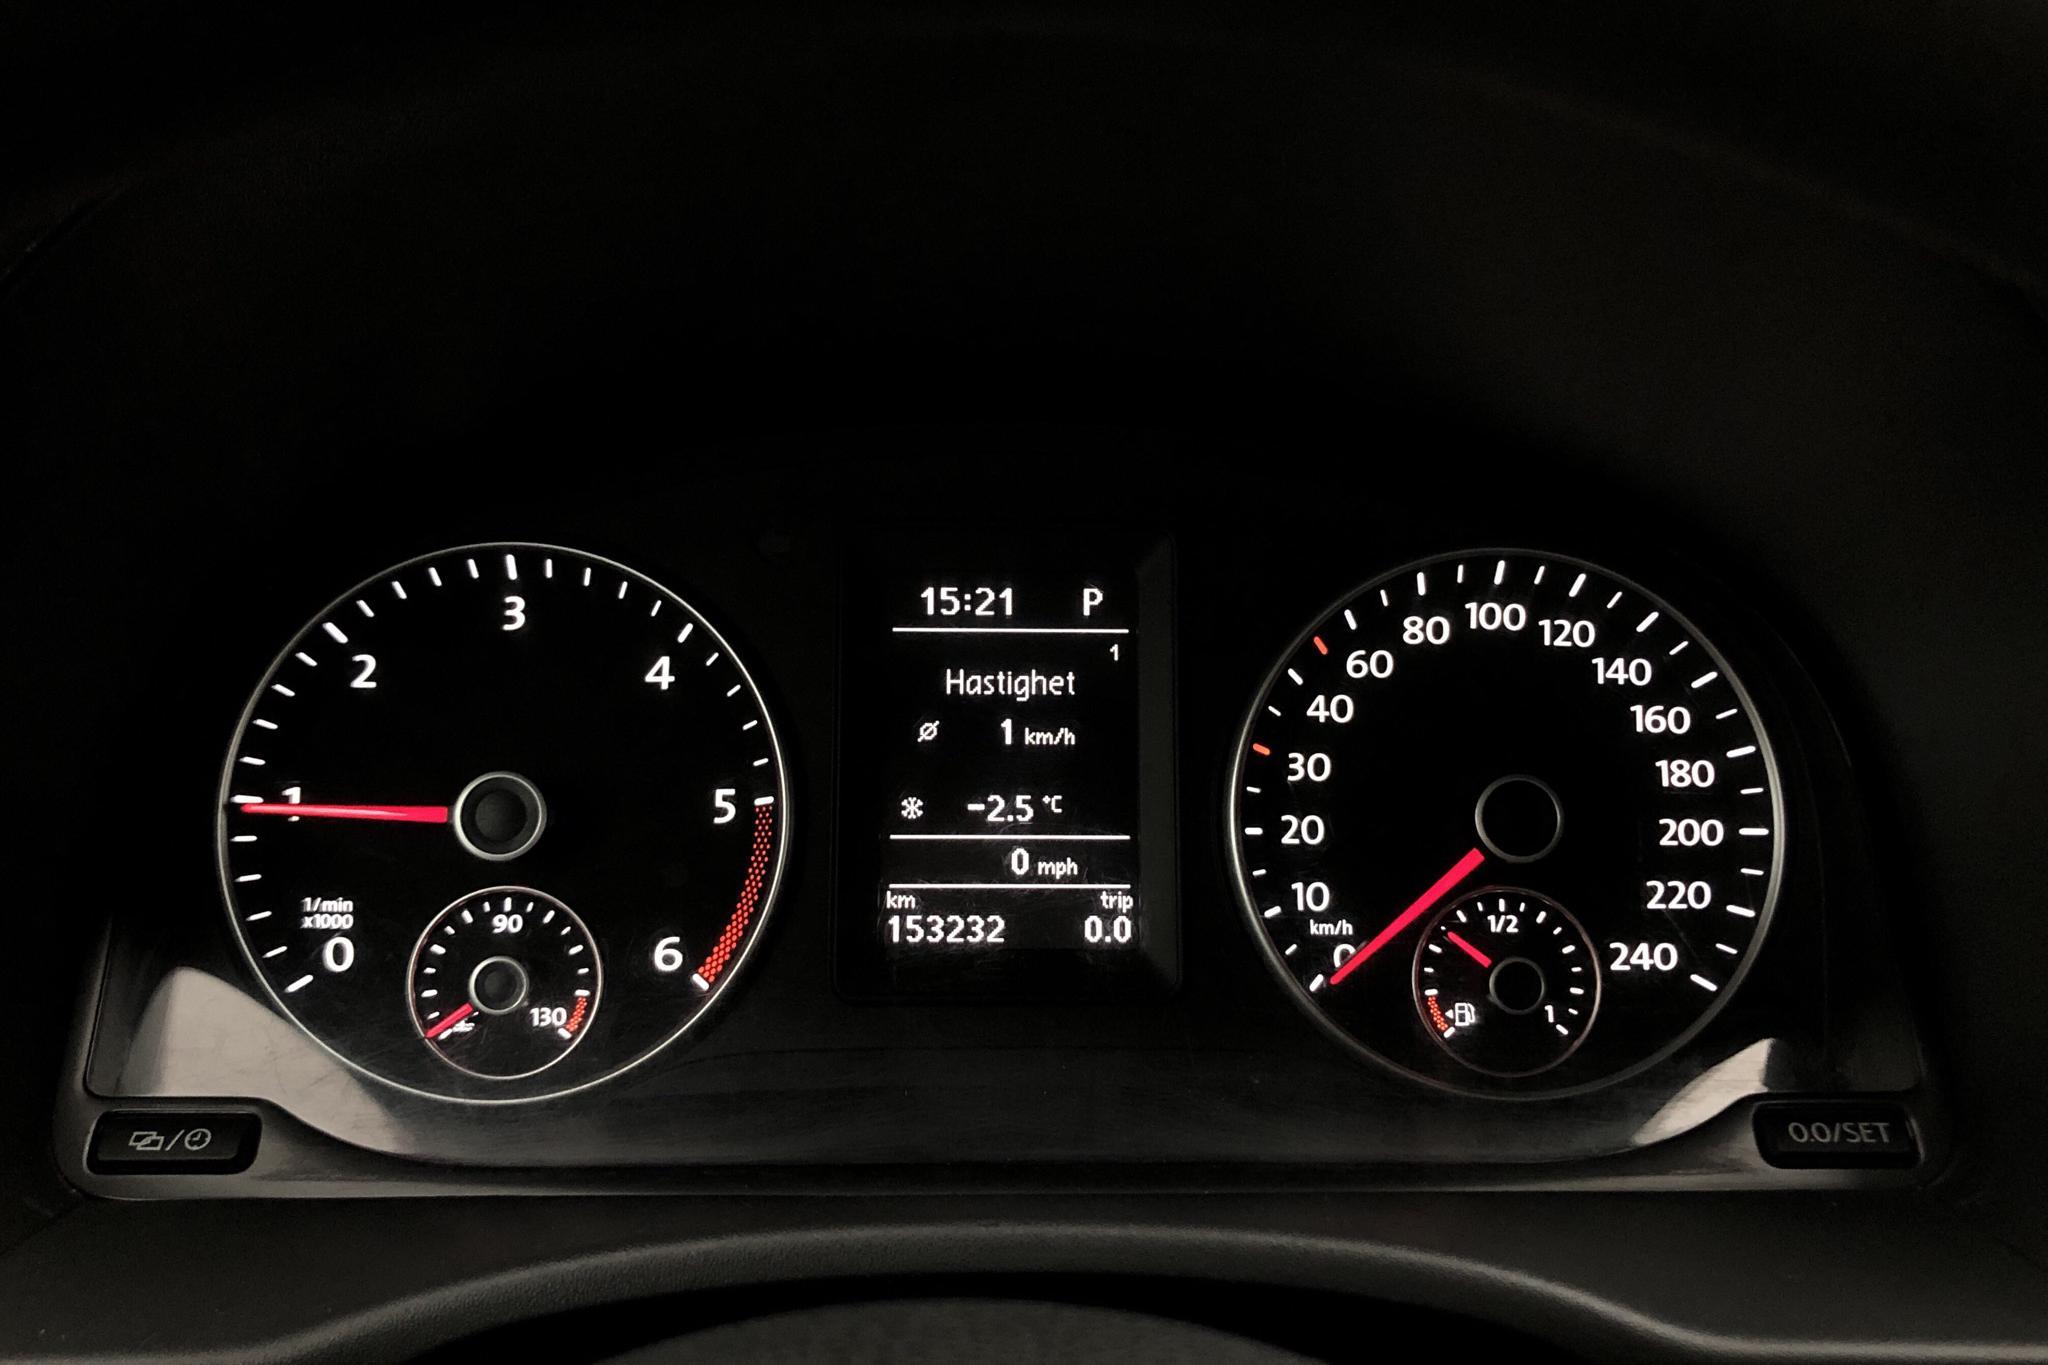 VW Caddy MPV Maxi 1.6 TDI (102hk) - 15 323 mil - Automat - vit - 2015